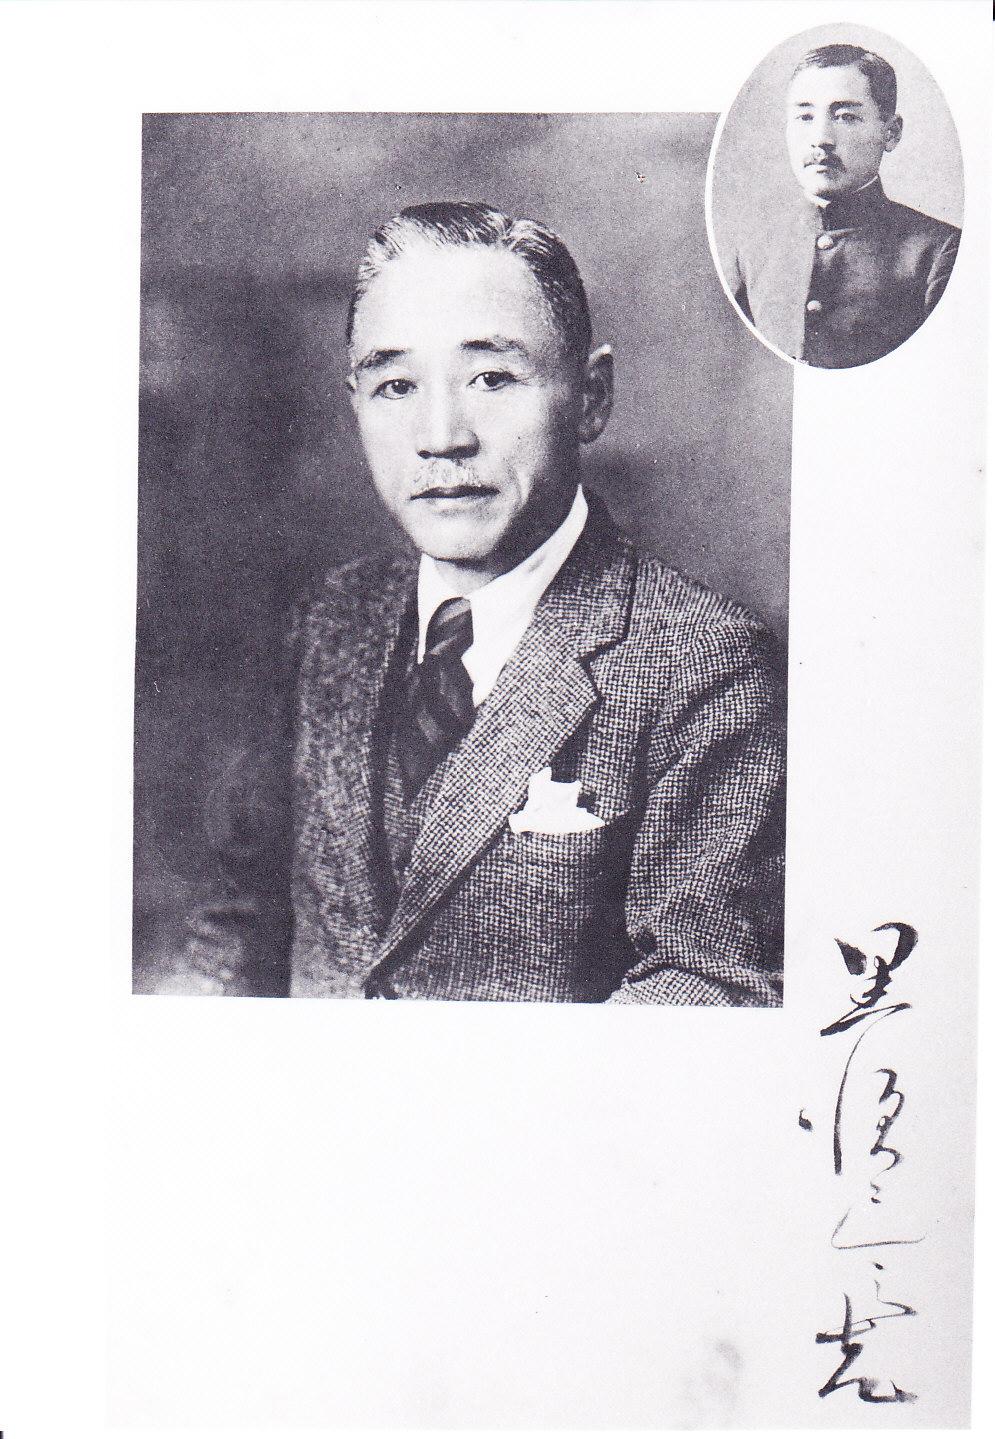 Dr. Minokichi Kurosu